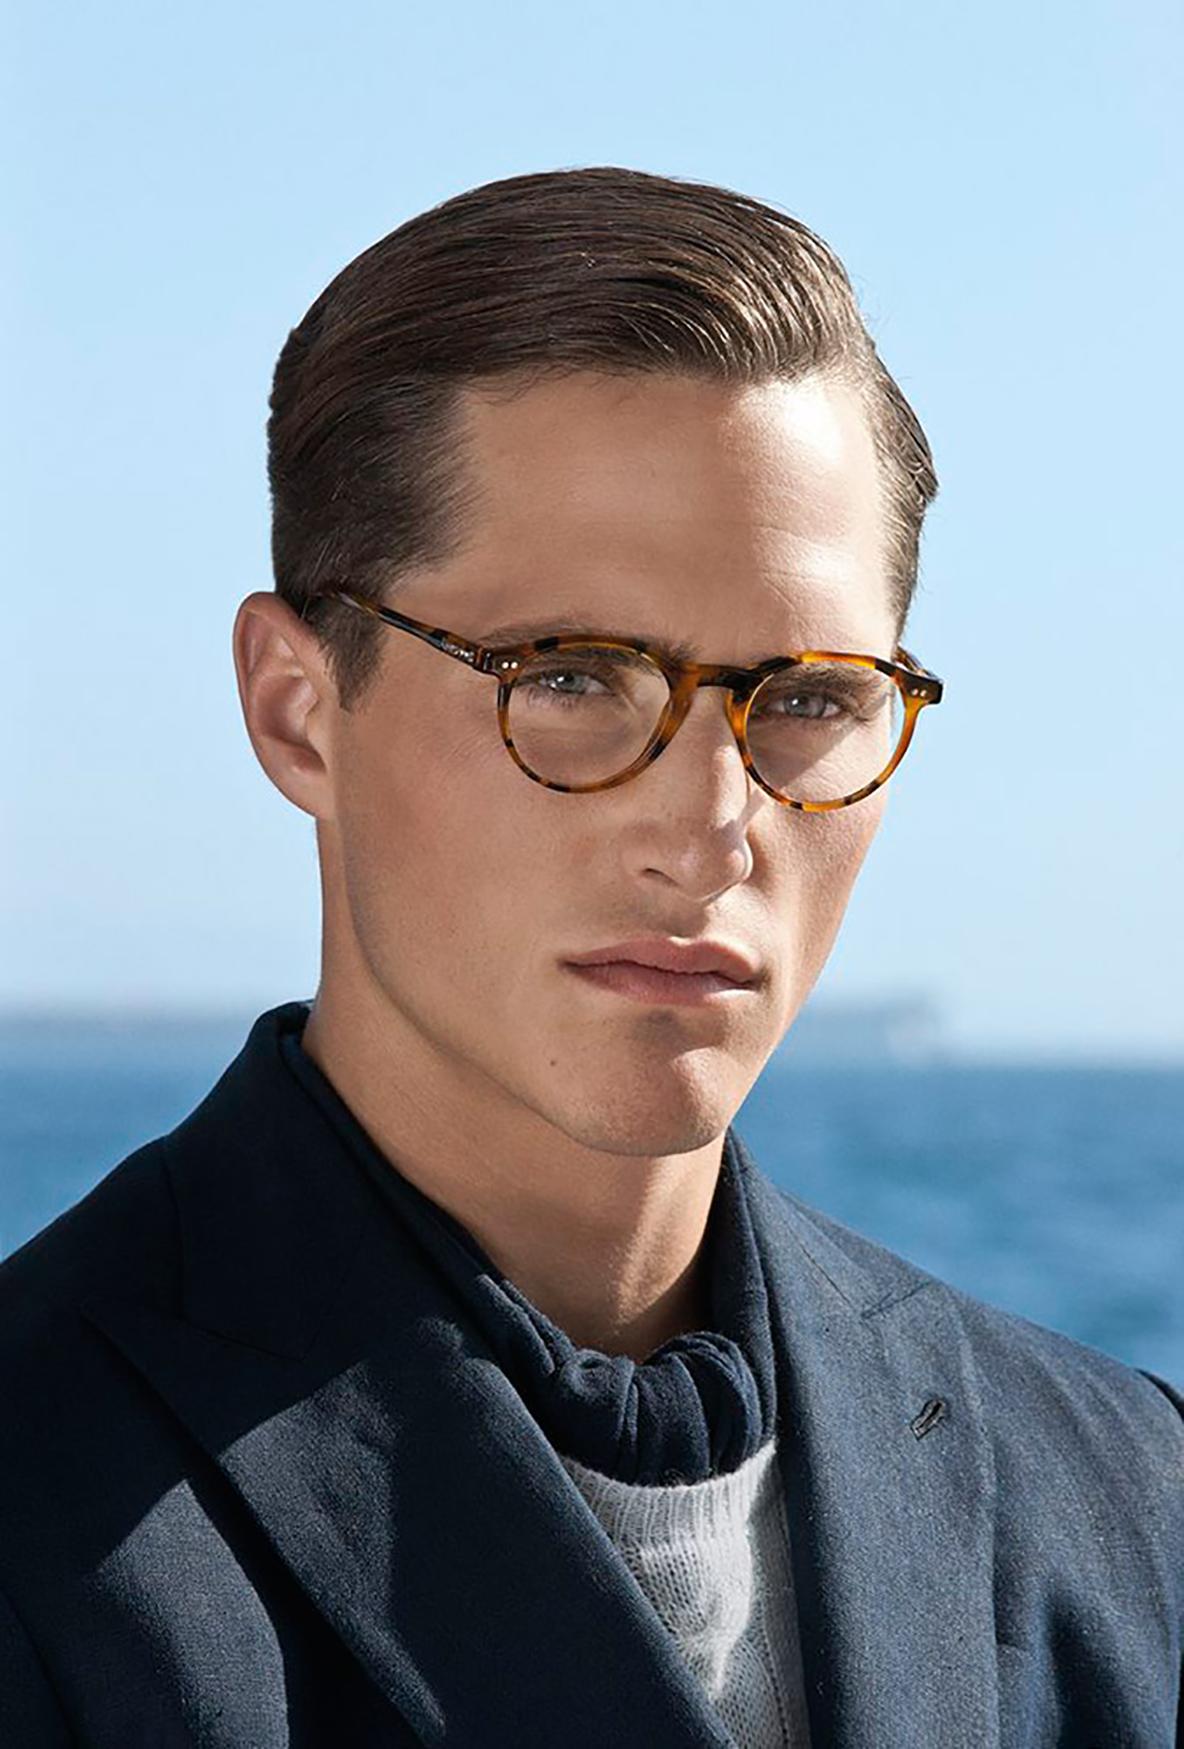 ea06d789505e How to match men s hair cut with glasses - Lenskart Blog